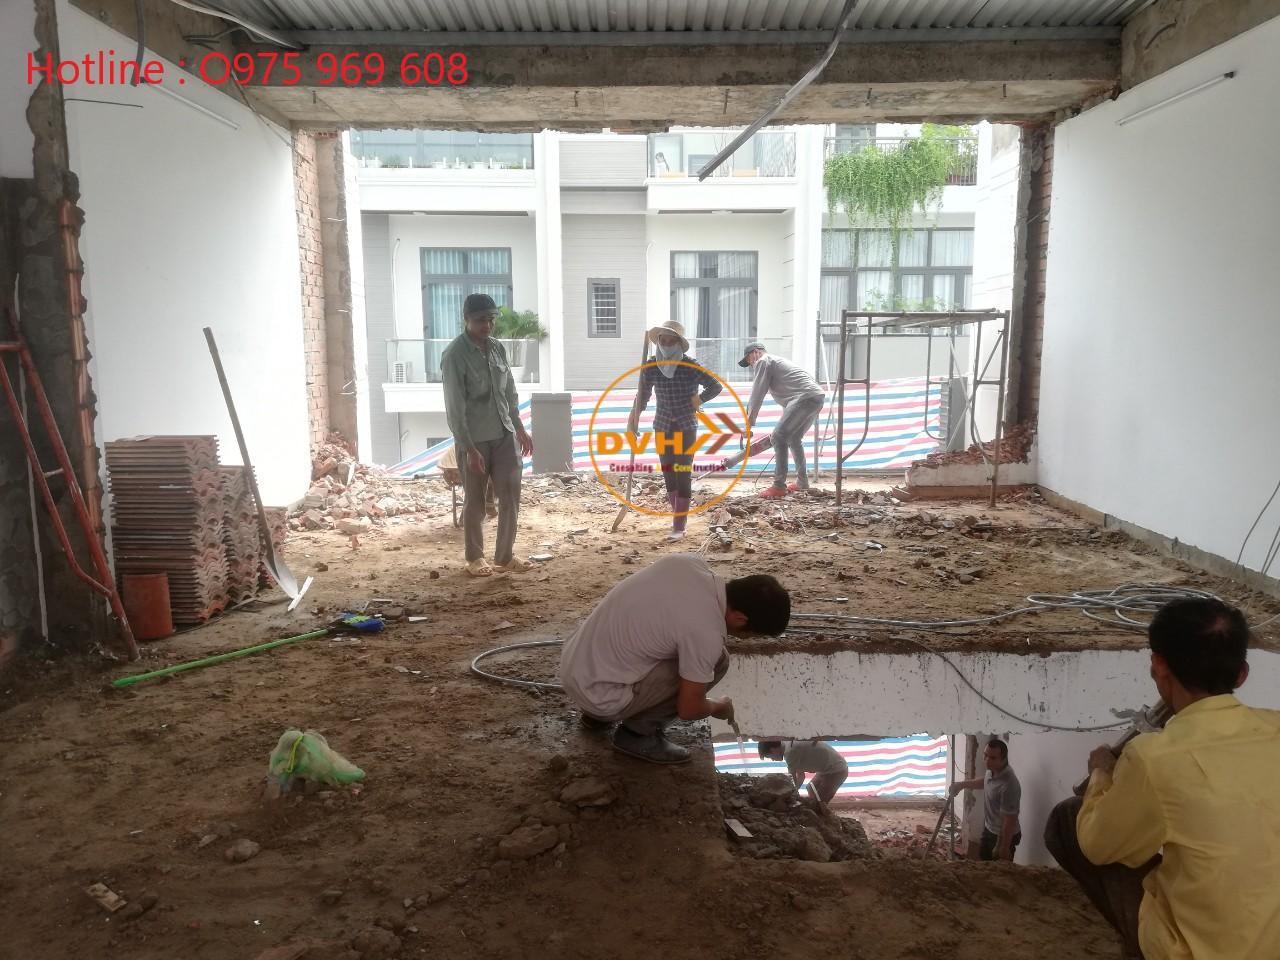 Thi công nâng cấp sàn, sửa chữa thay thế sàn mới , vận chuyện sạch sẽ, thi công chuyên nghiệp